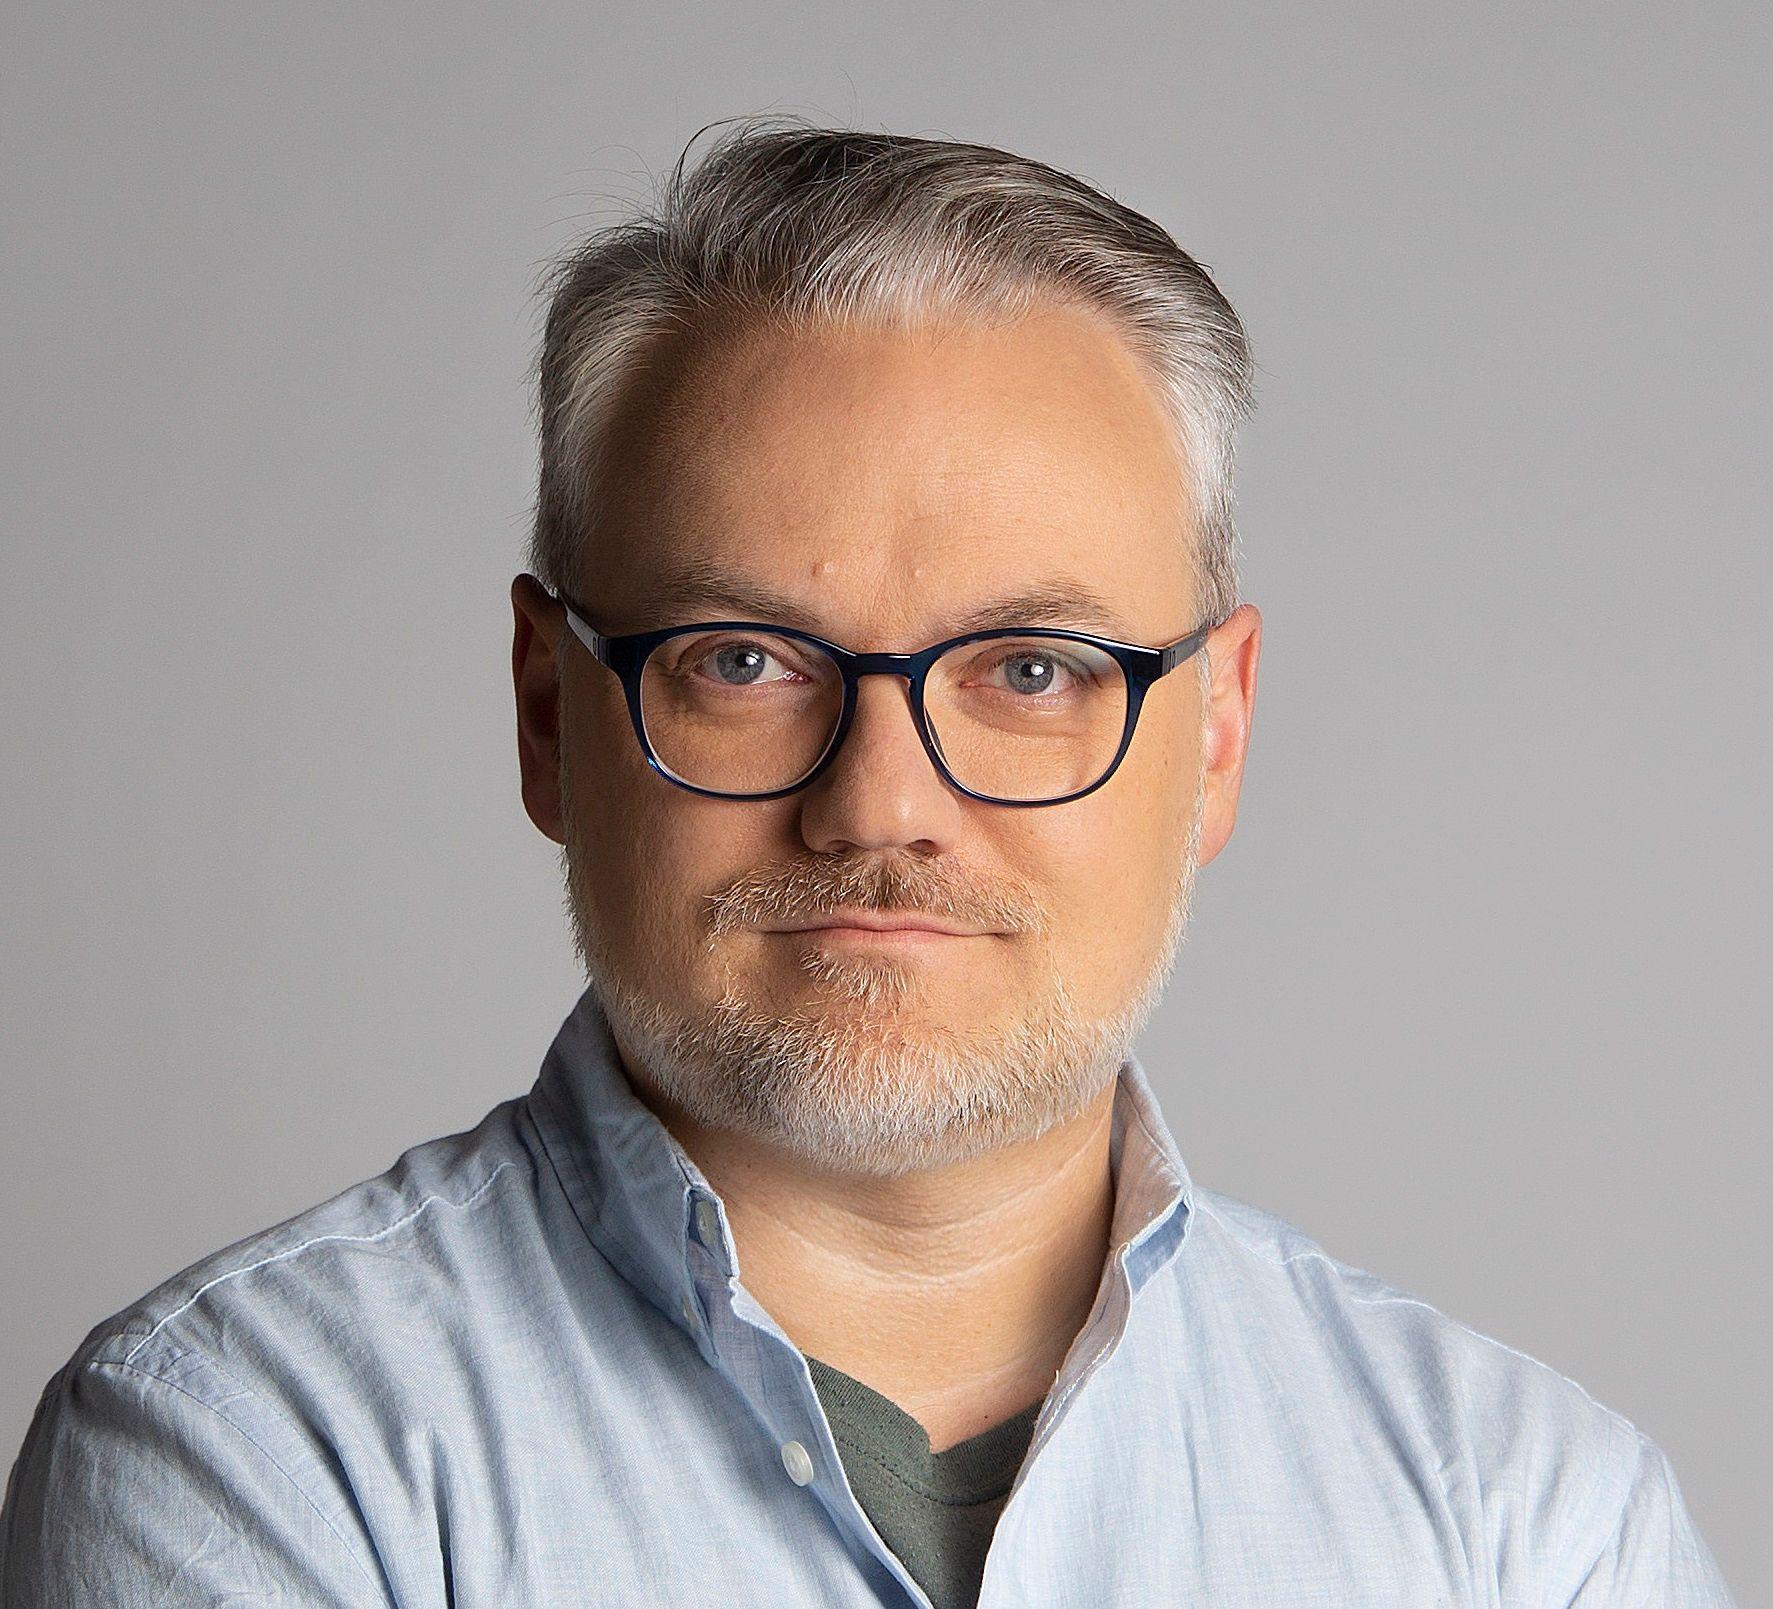 Ingólfur Bjarni Sigfússon